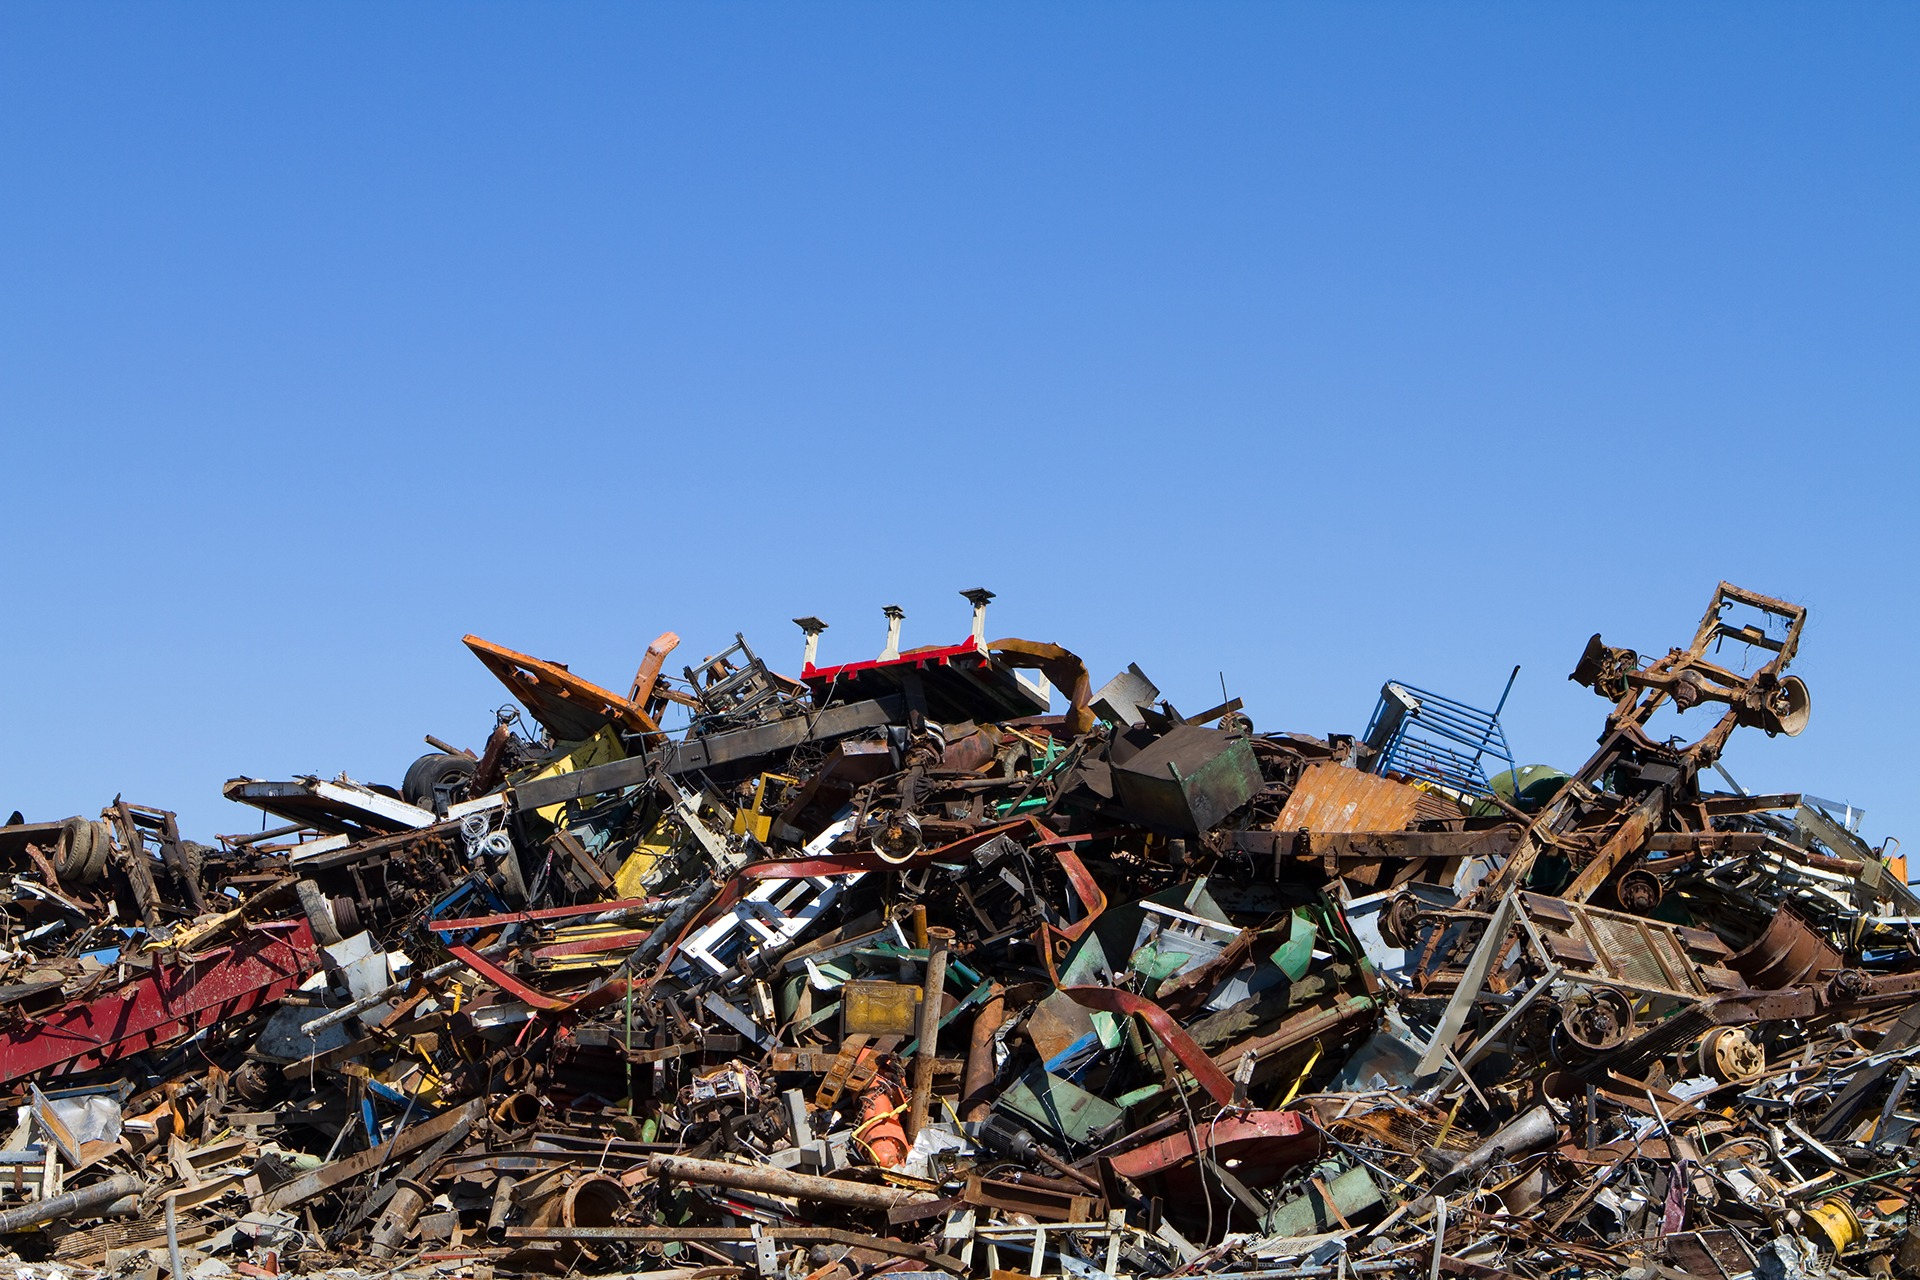 Scrap Metal Recycling Southampton